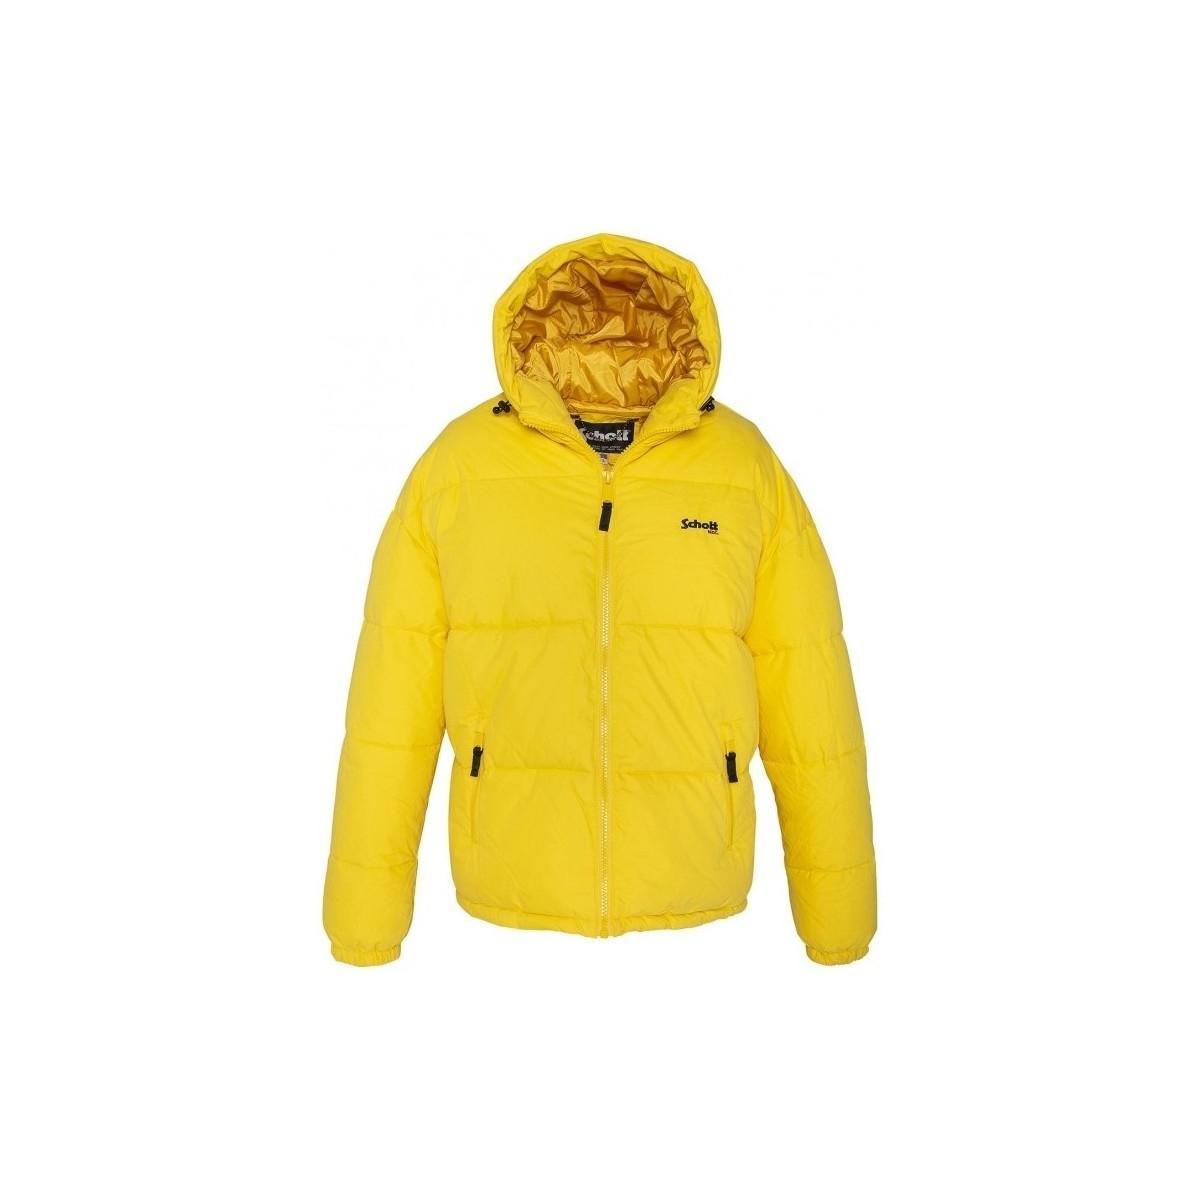 Lyst - Doudoune JKT ALASKA W Jaune femmes Blouson en jaune Schott ... 5b31452a231d